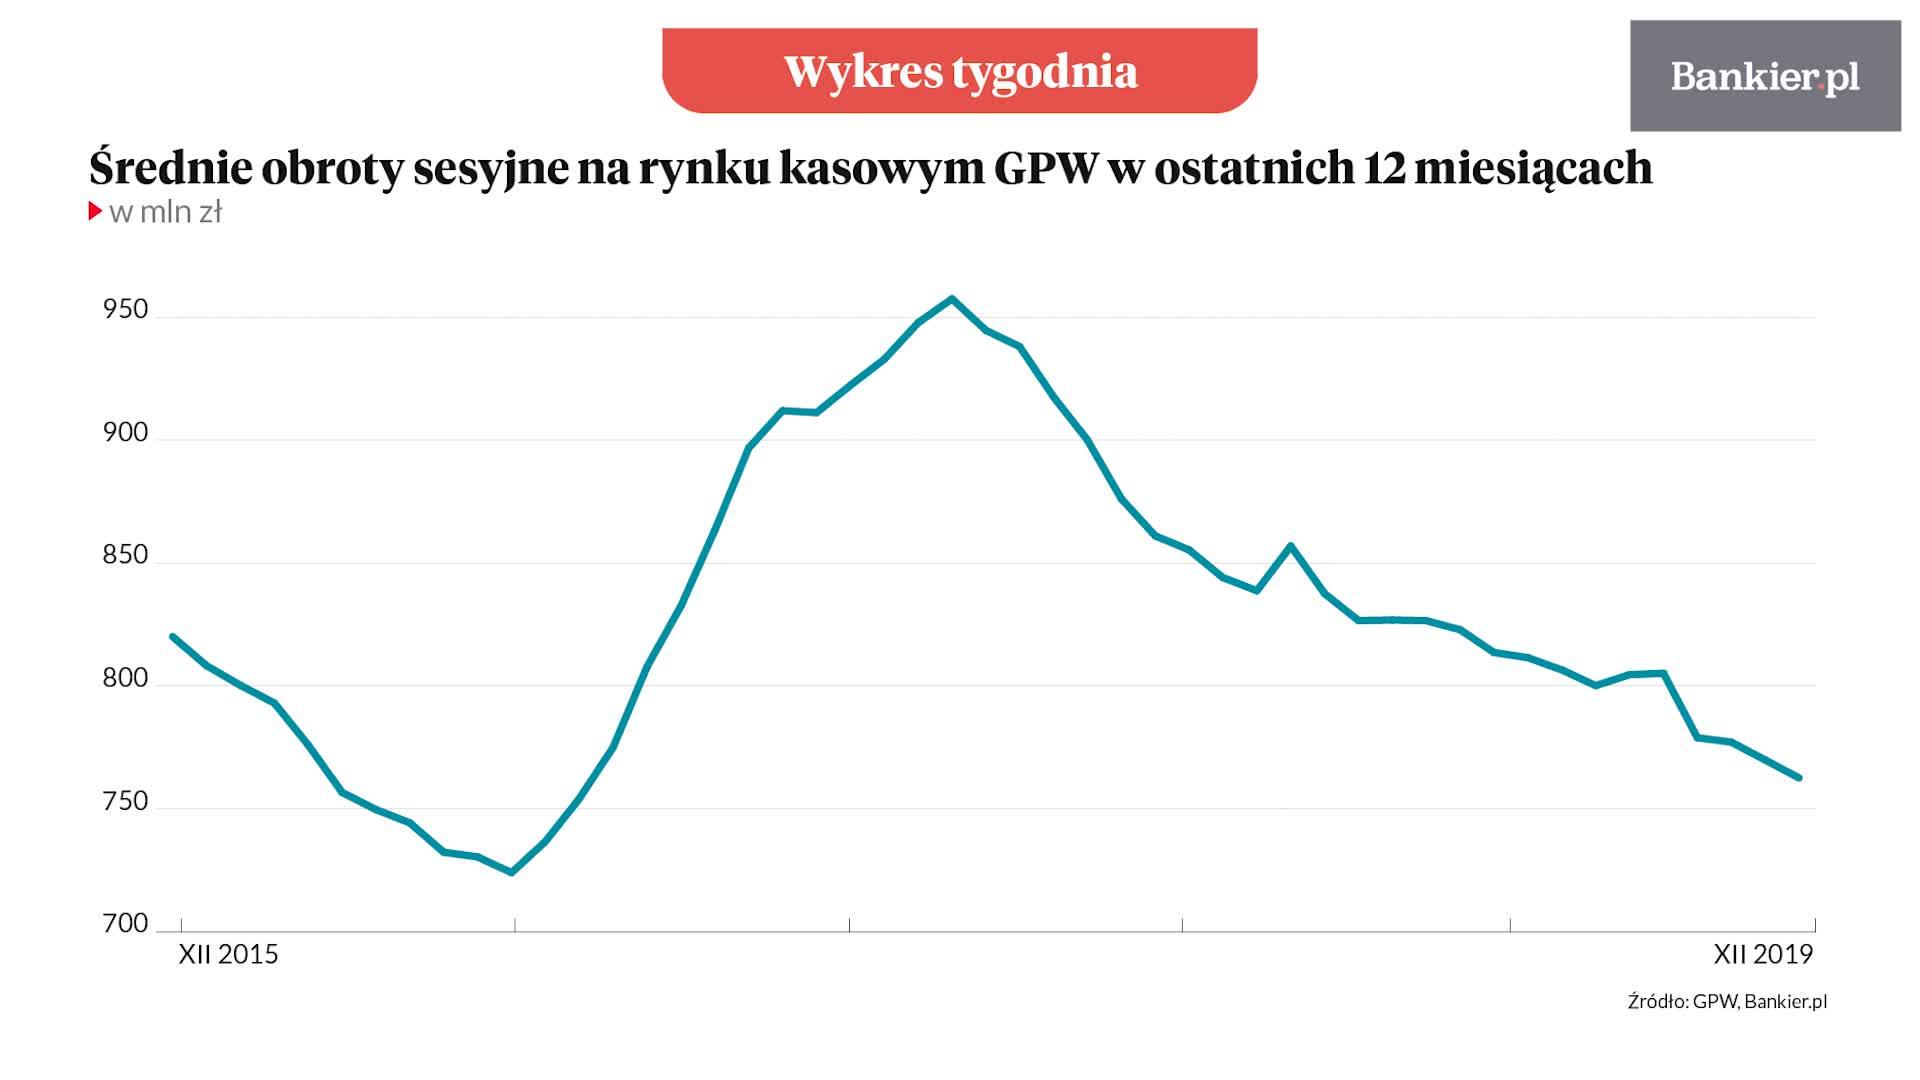 Wykres tygodnia: GPW kręci się na coraz niższych obrotach